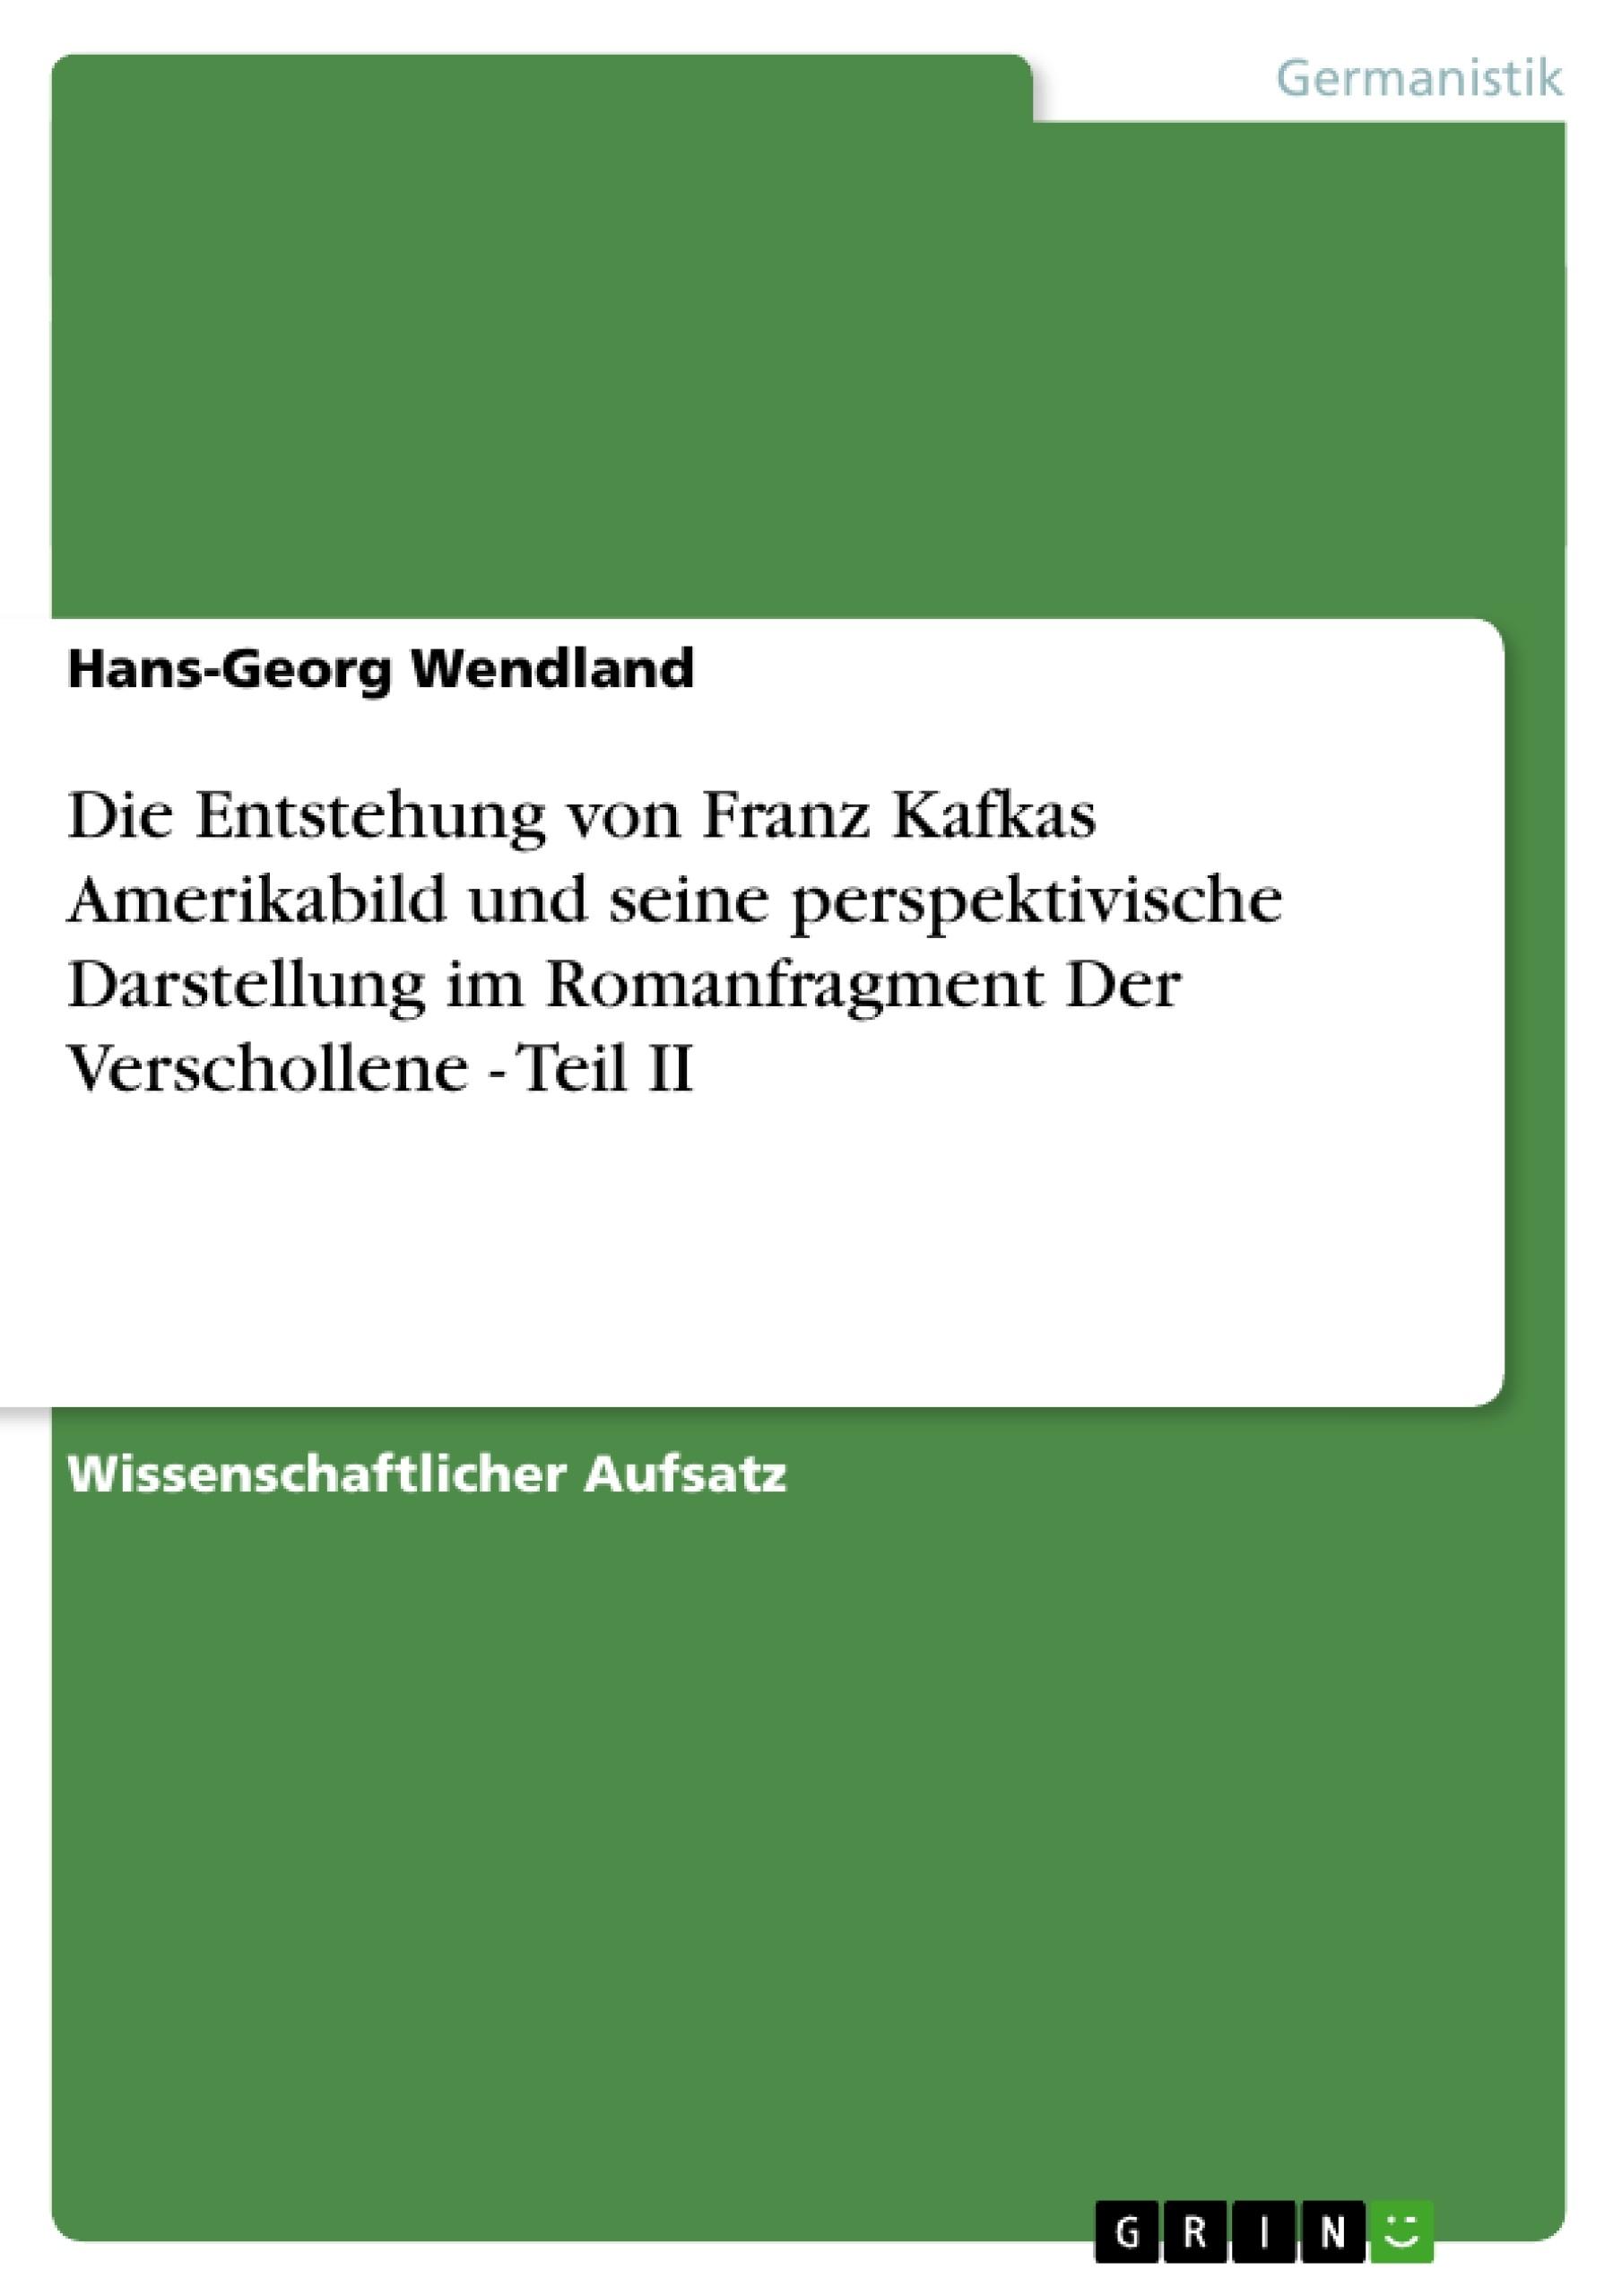 Titel: Die Entstehung von Franz Kafkas Amerikabild und seine perspektivische Darstellung im Romanfragment  Der Verschollene - Teil II